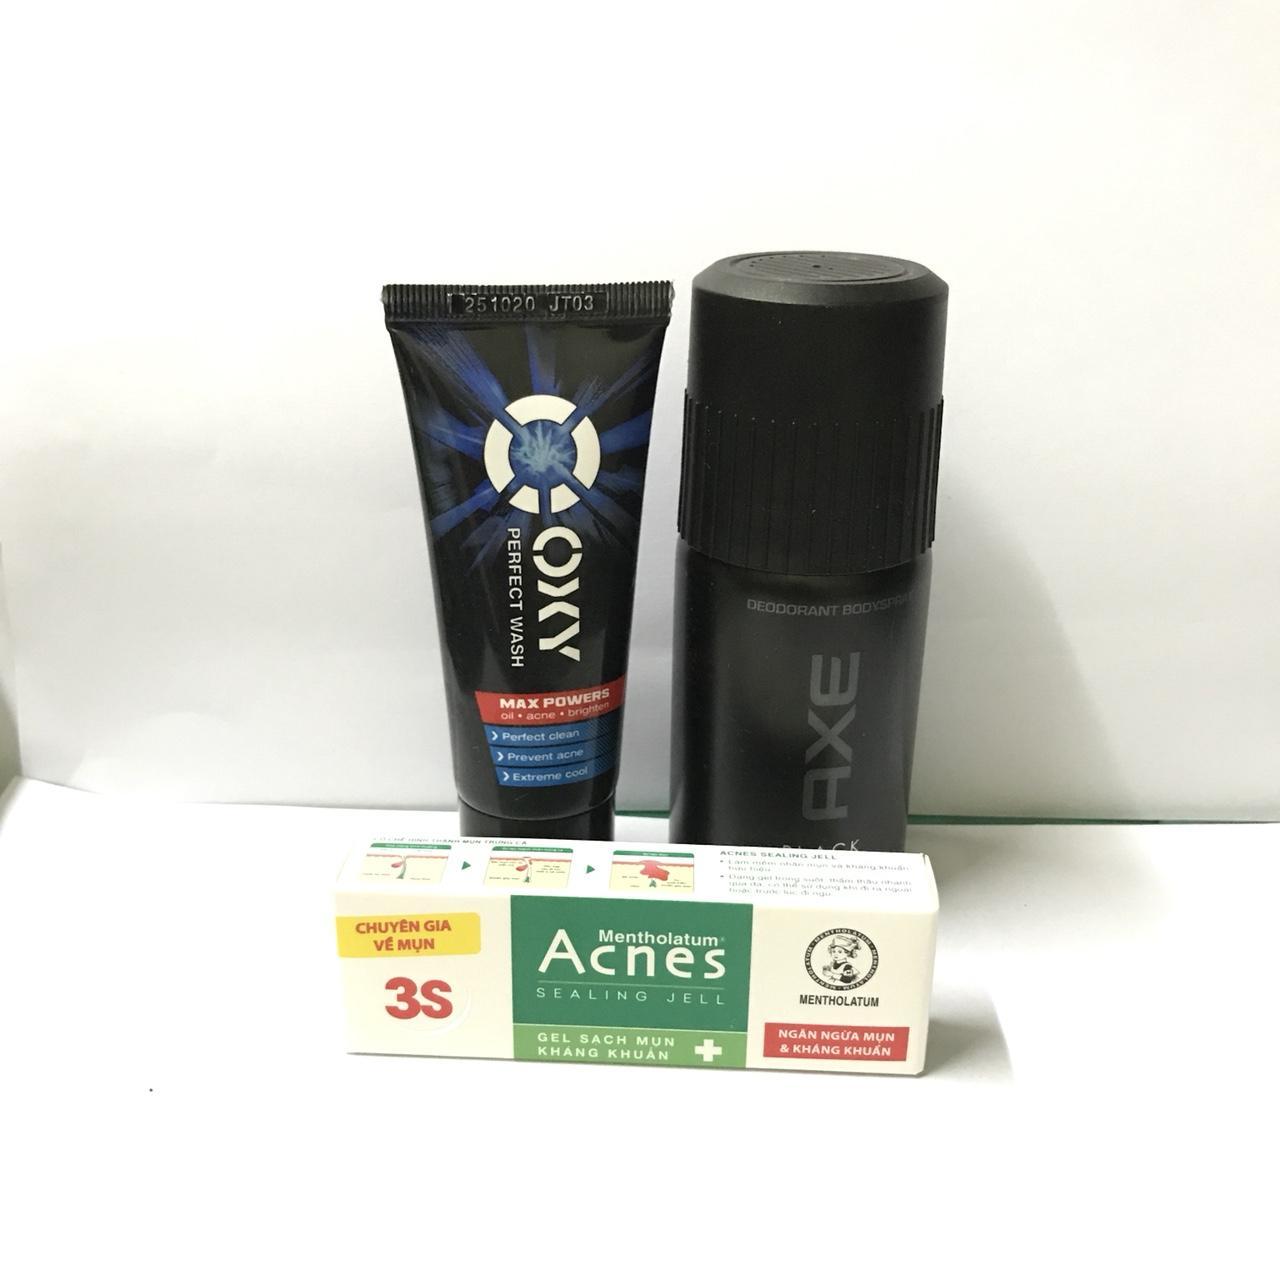 trọn bộ 3 món :1chai xịt khử mùi Axe (50ml/chai) + 1tuýt sữa rửa mặt Oxy (25g/tuýt) + tặng 1tuýt Acnes ngừa mụn và kháng khuẩn 2g & kèm theo 1 túi đựng xinh xắn